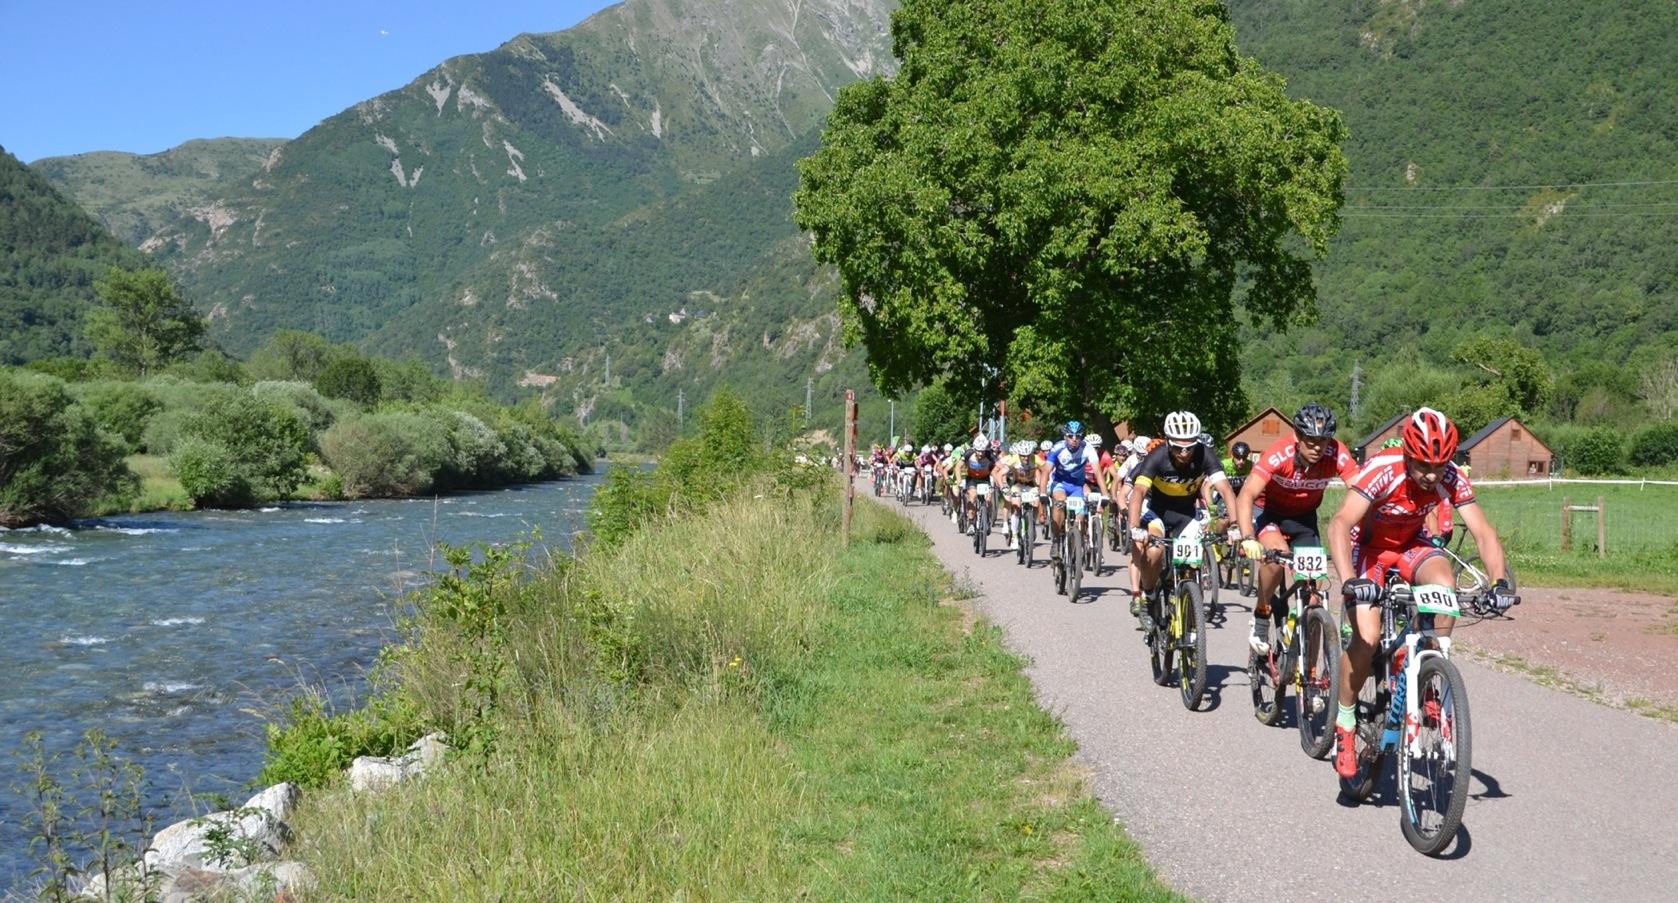 Preinscripciones abiertas para la Copa Catalana Internacional de BTT Biking Point de la Vall de Boí